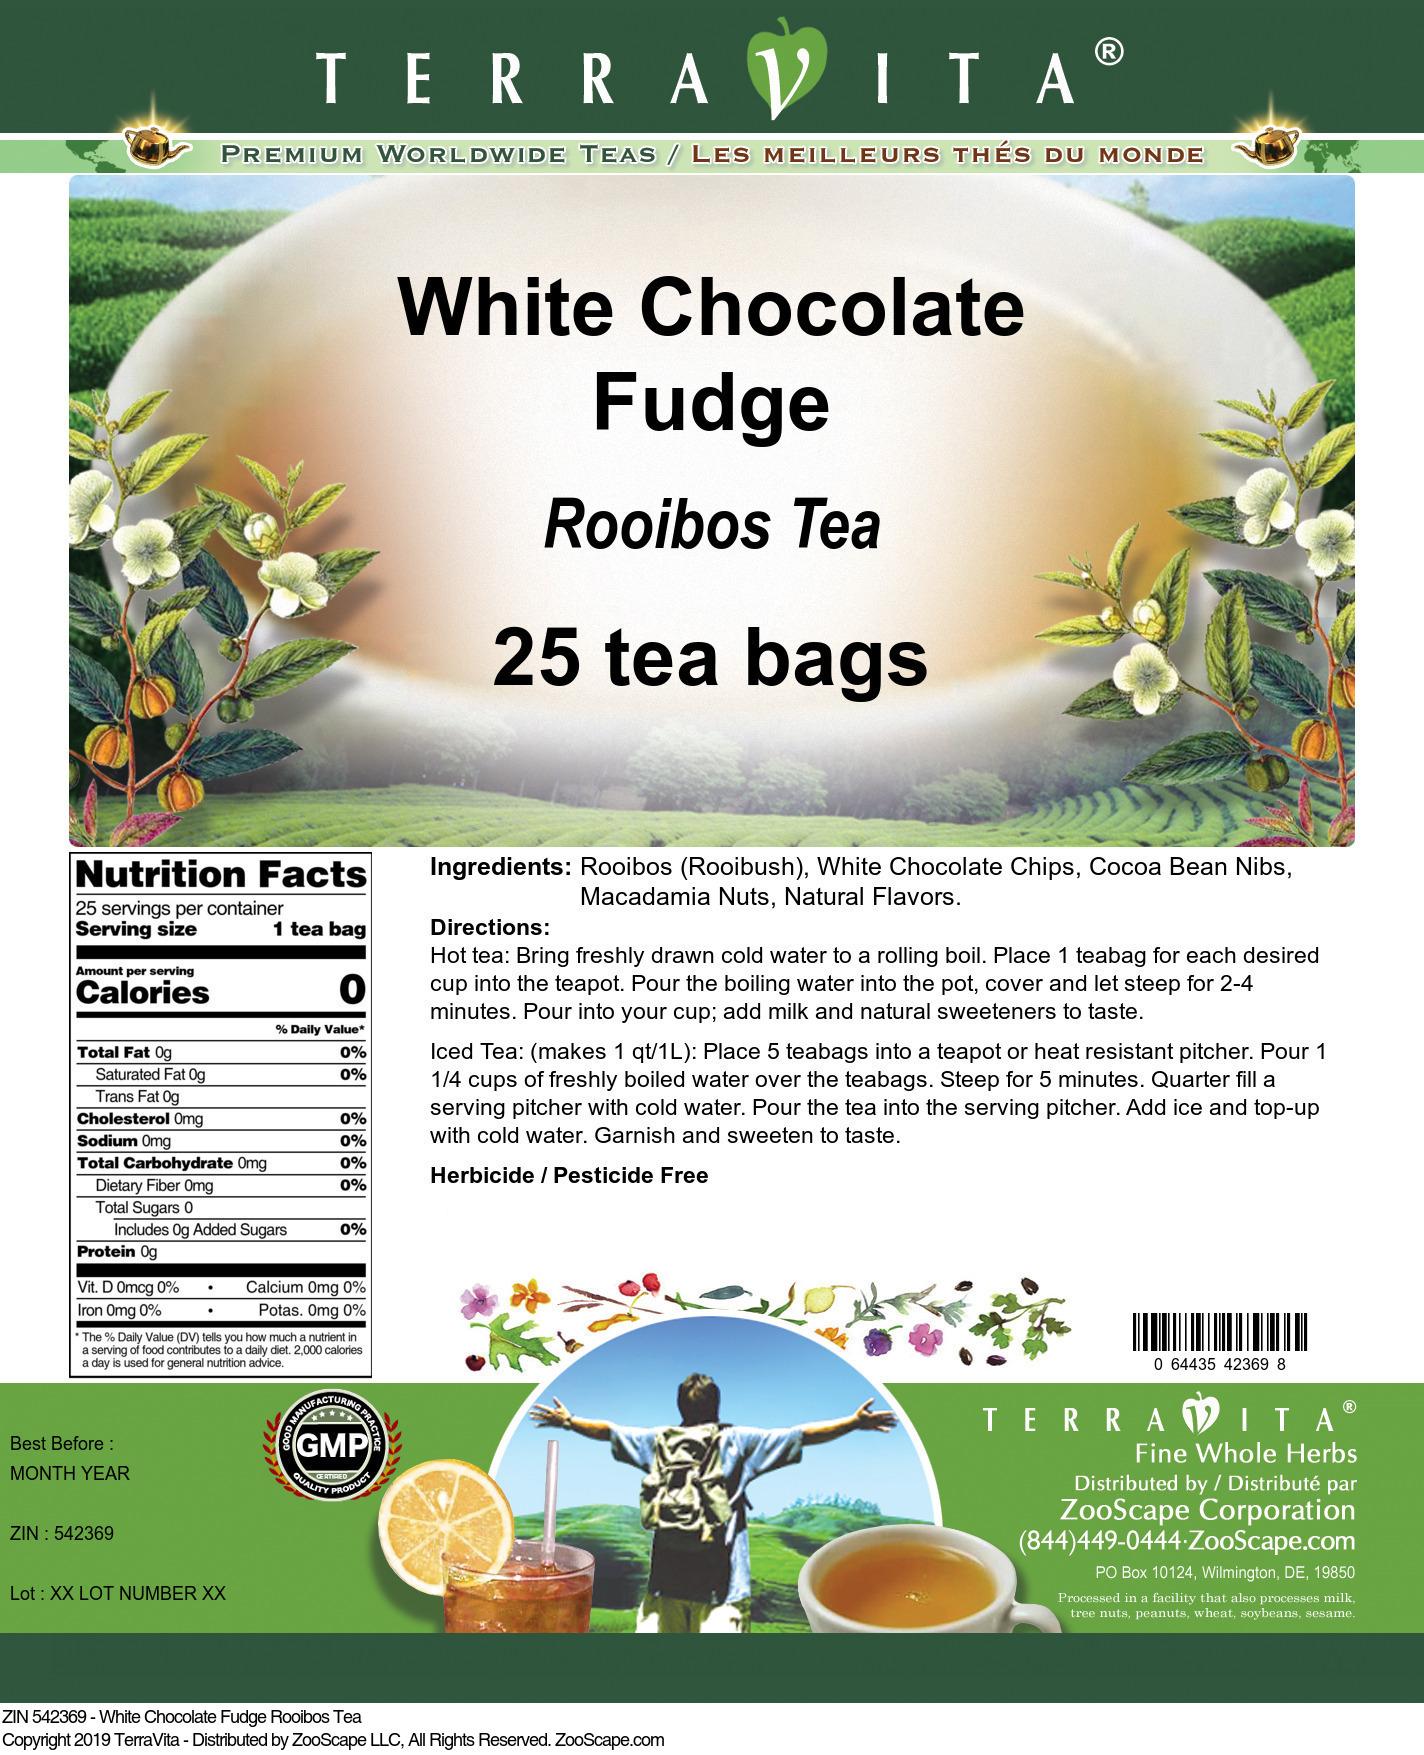 White Chocolate Fudge Rooibos Tea